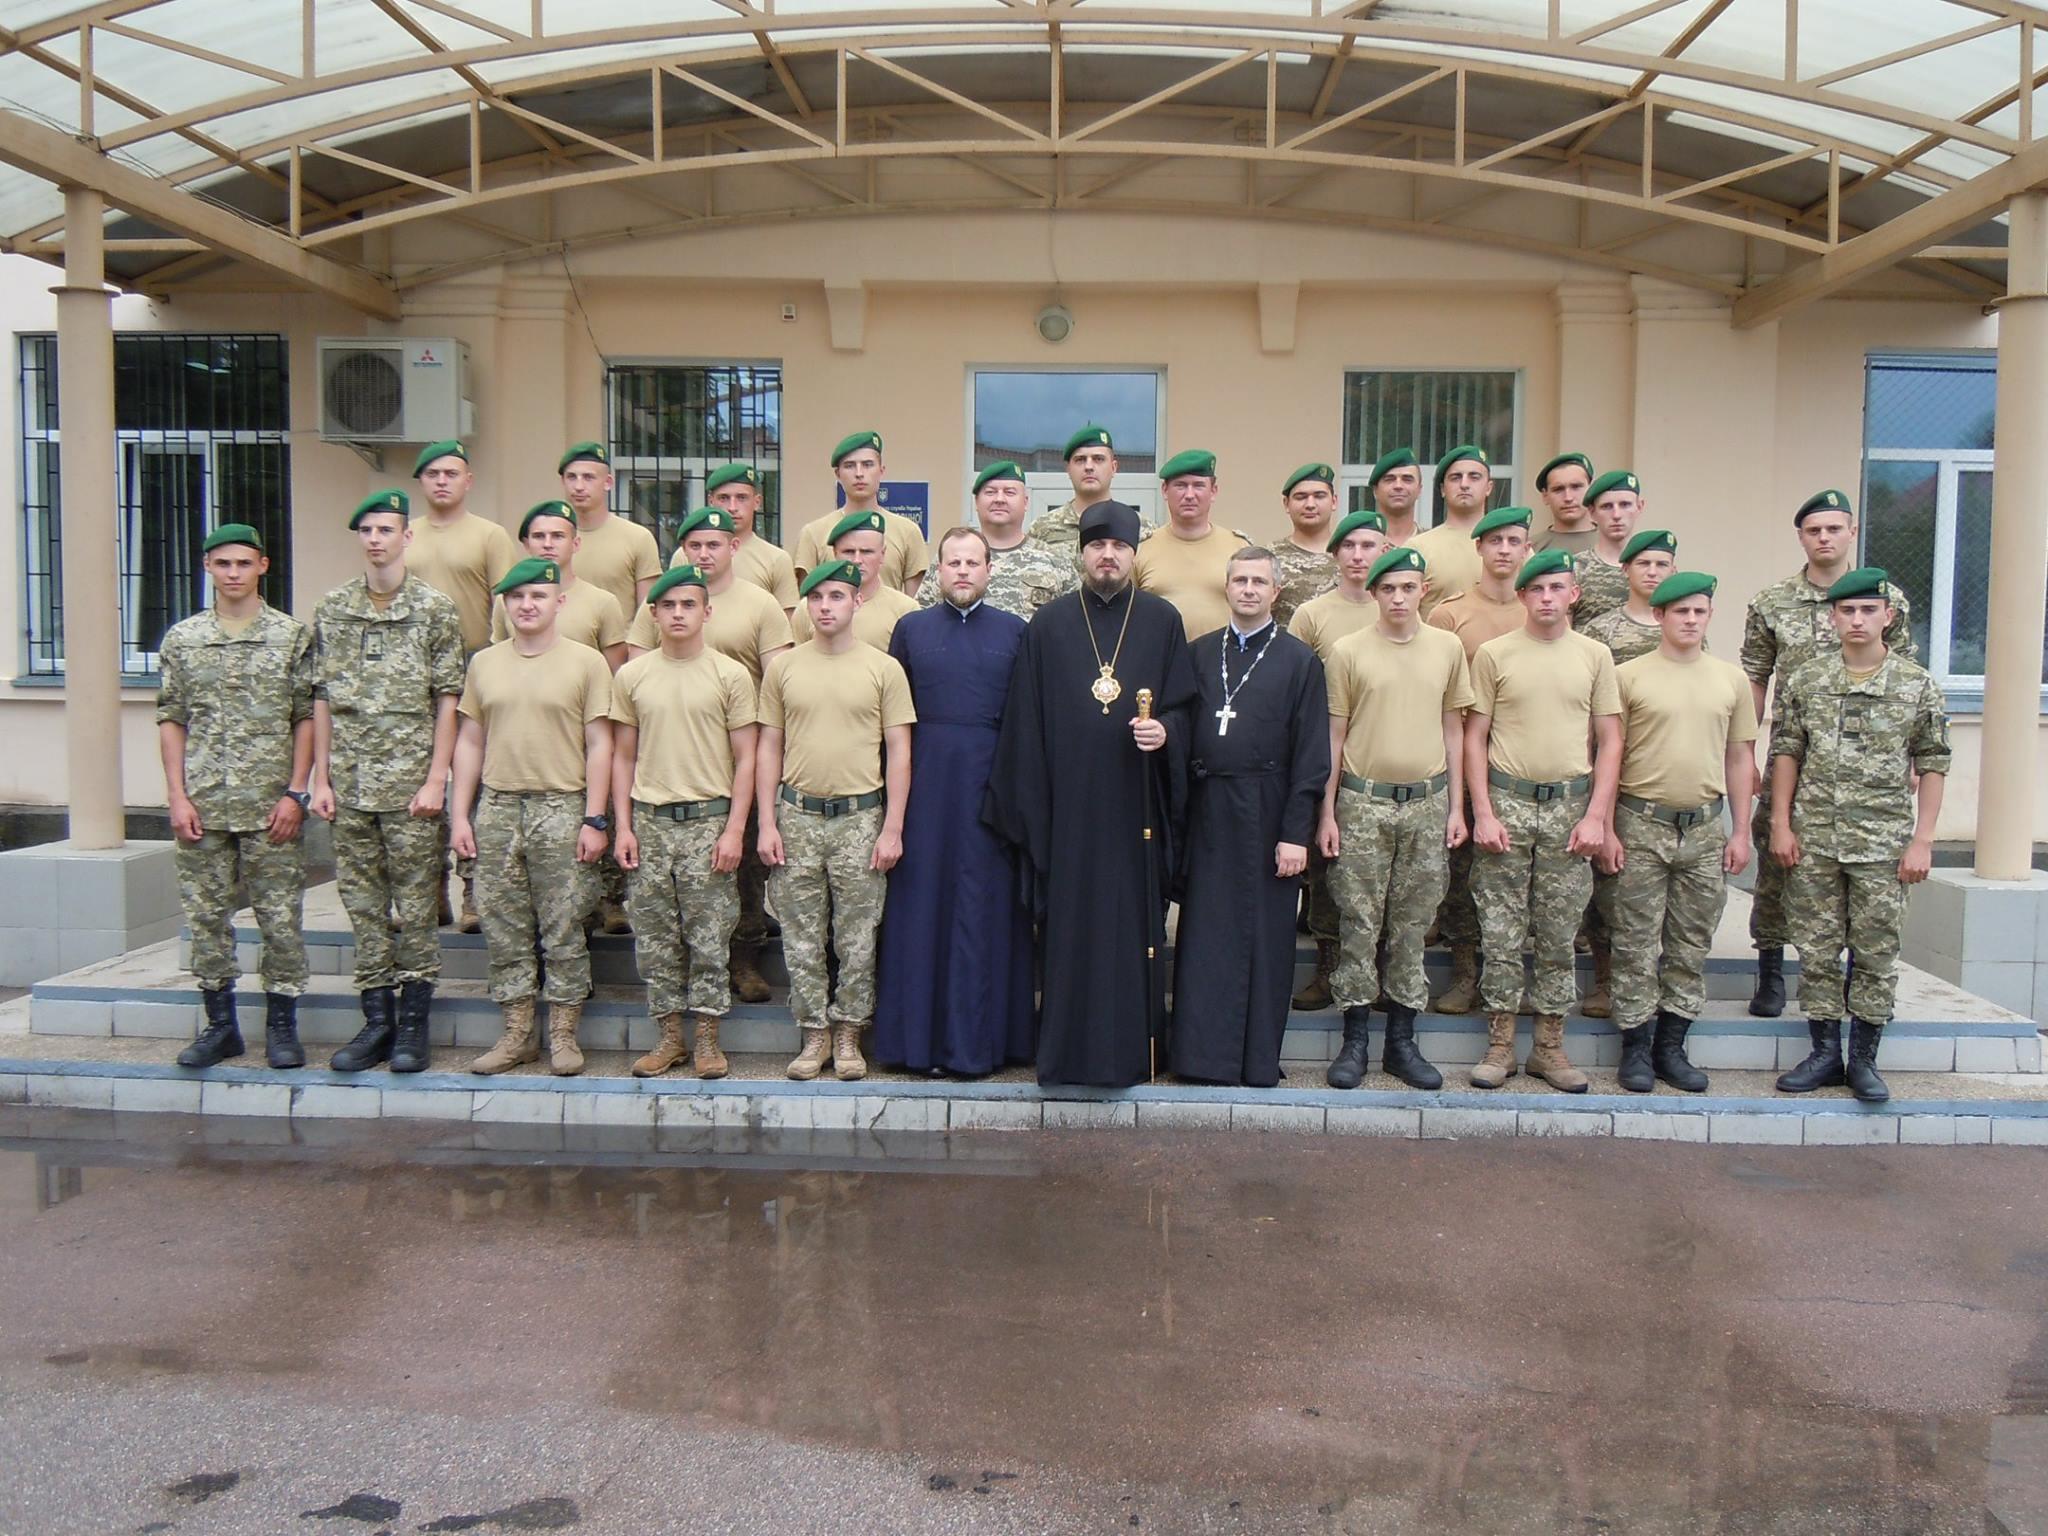 Єпископ УПЦ КП відвідав відділ прикордонної служби на кордоні з Білоруссю